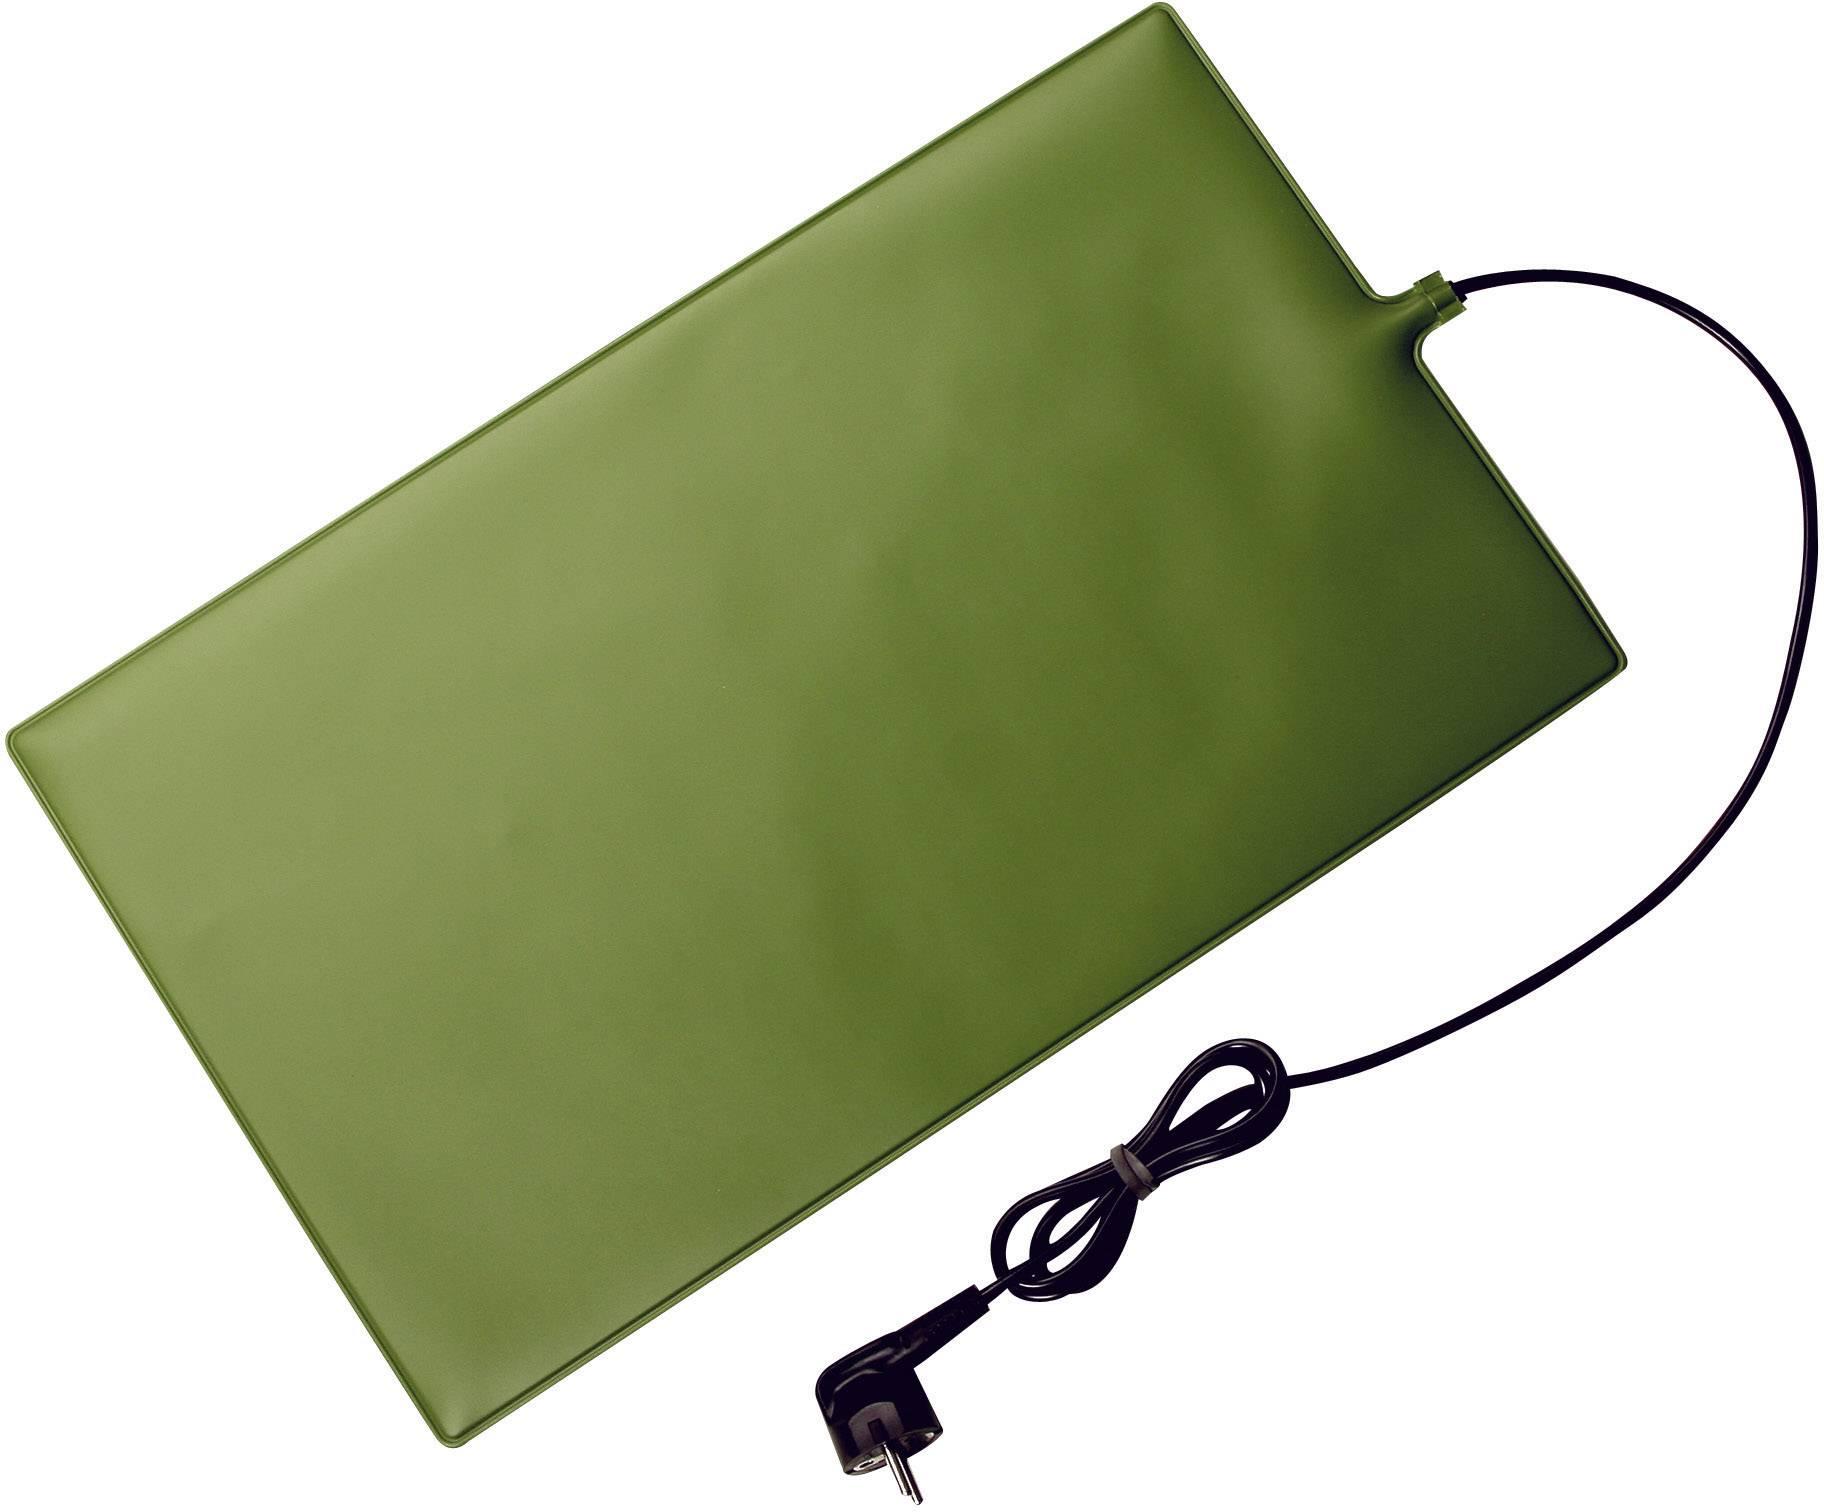 Vykurovacia rohož AccuLux ThermoLux 463265, 15 W, (d x š x v) 35 x 25 x 0.4 cm, zelená